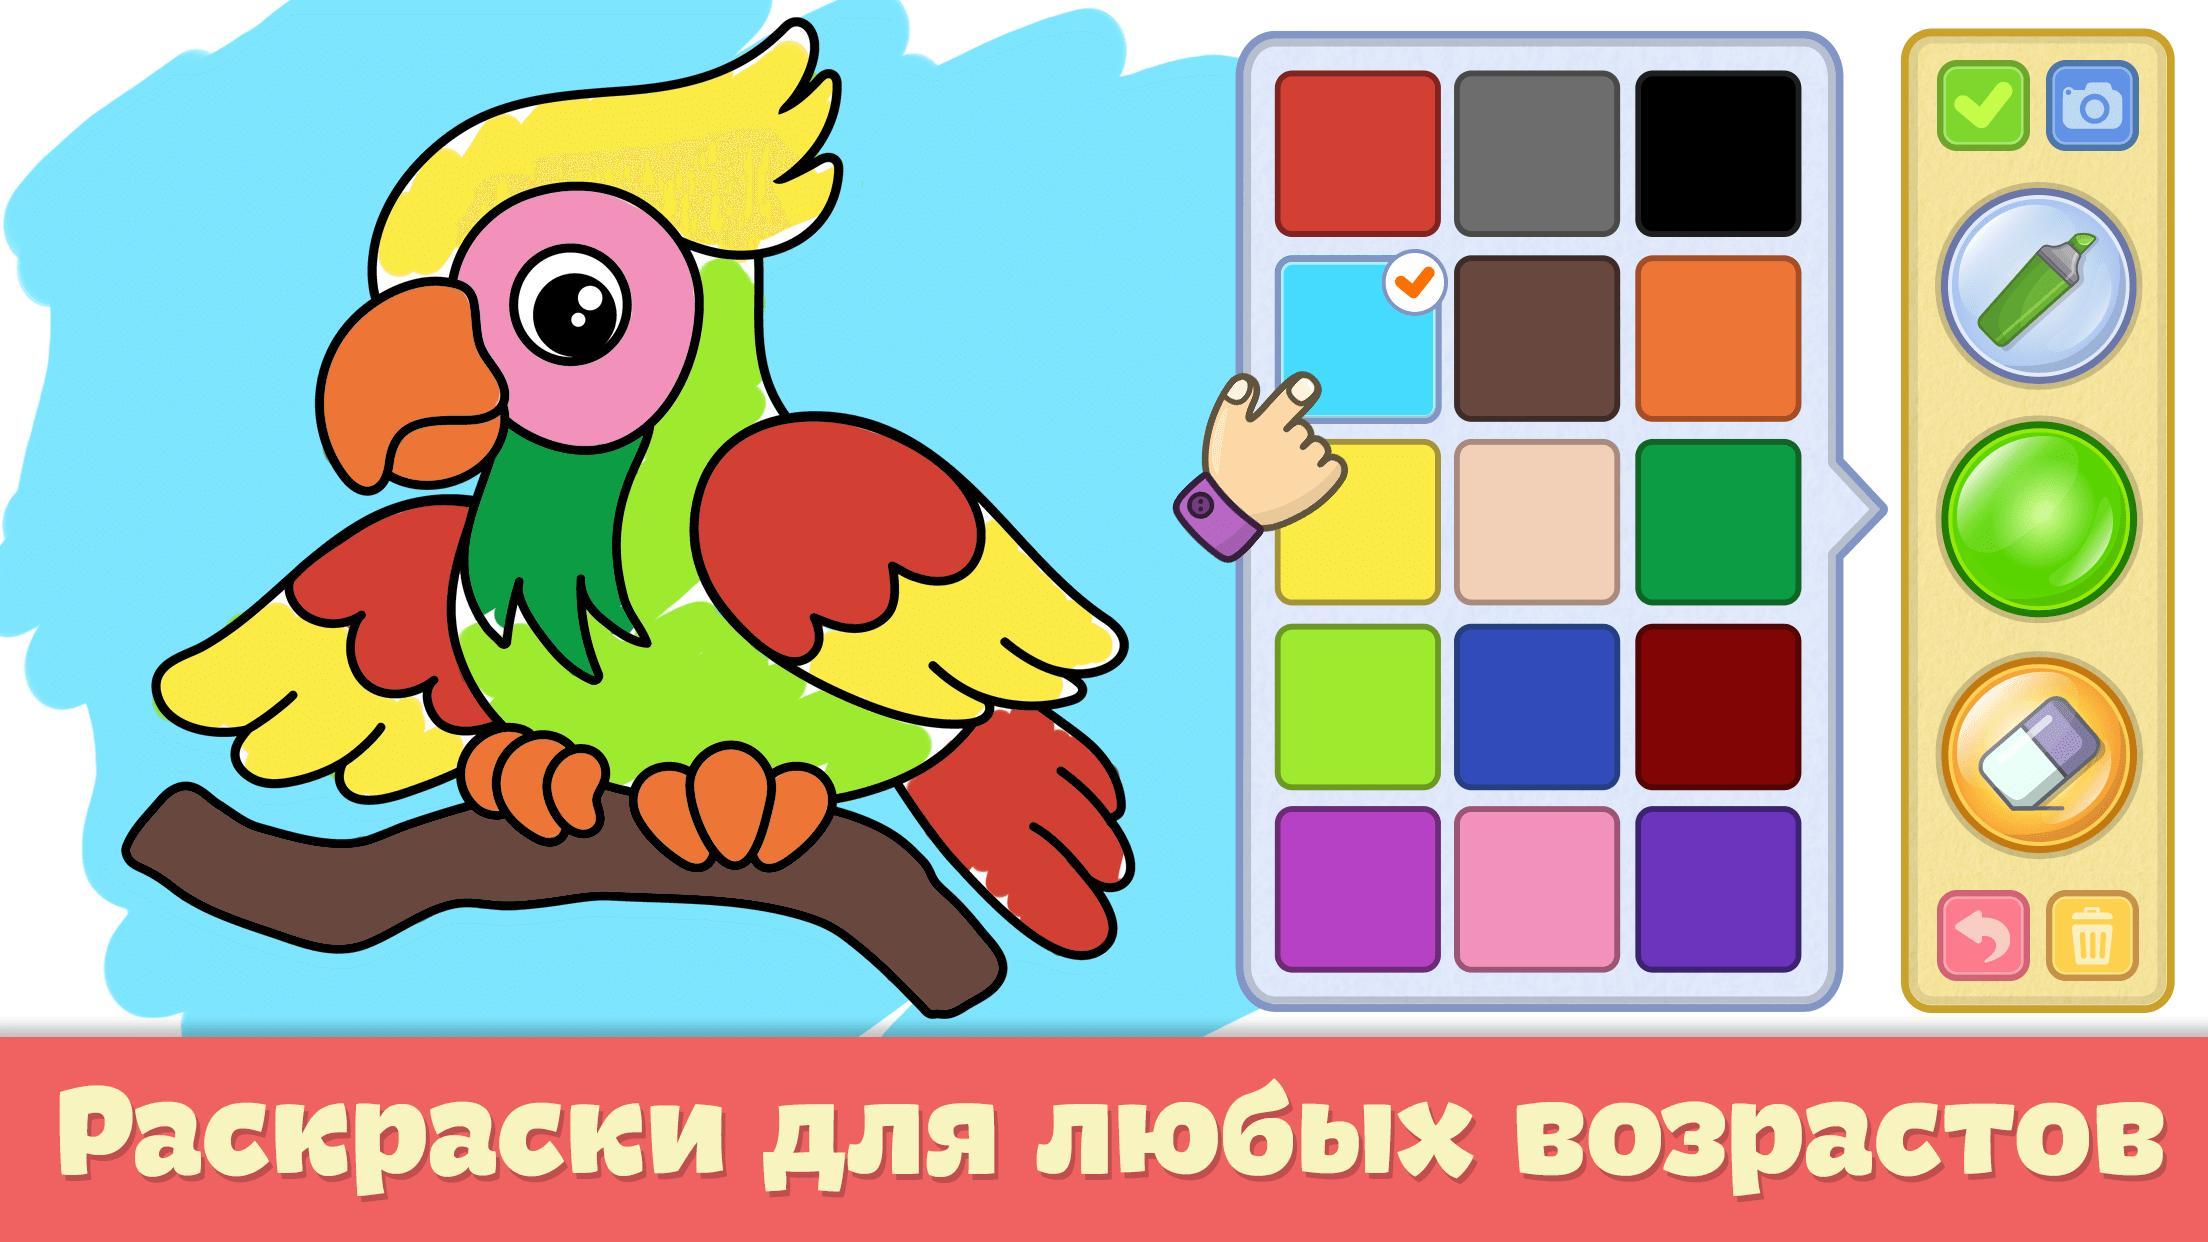 Раскраски для Андроид - скачать APK